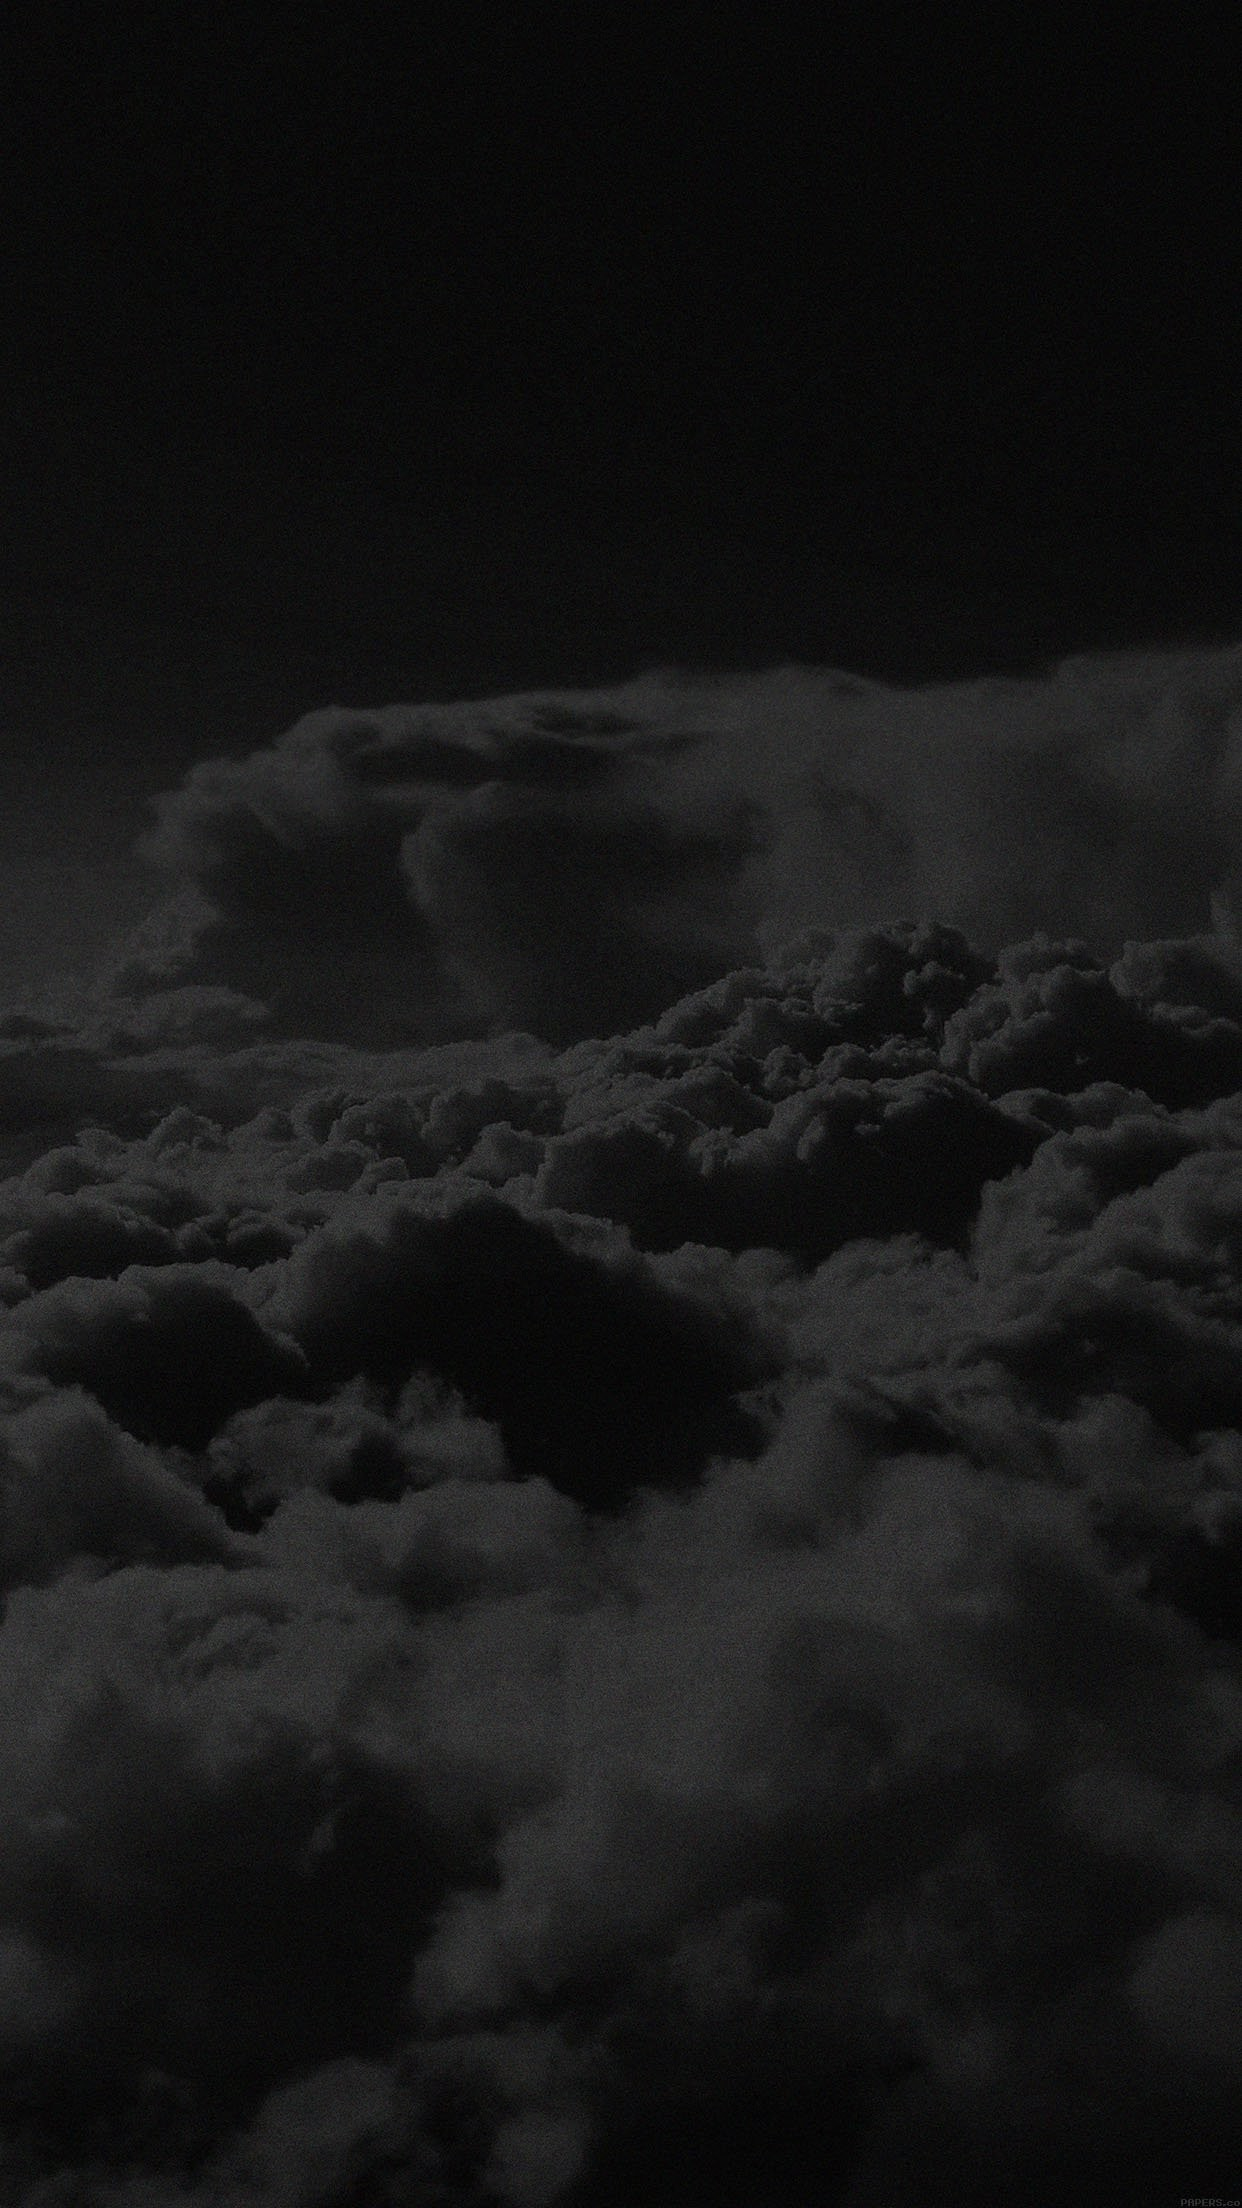 Dark Cloud Wallpaper (64+ images)